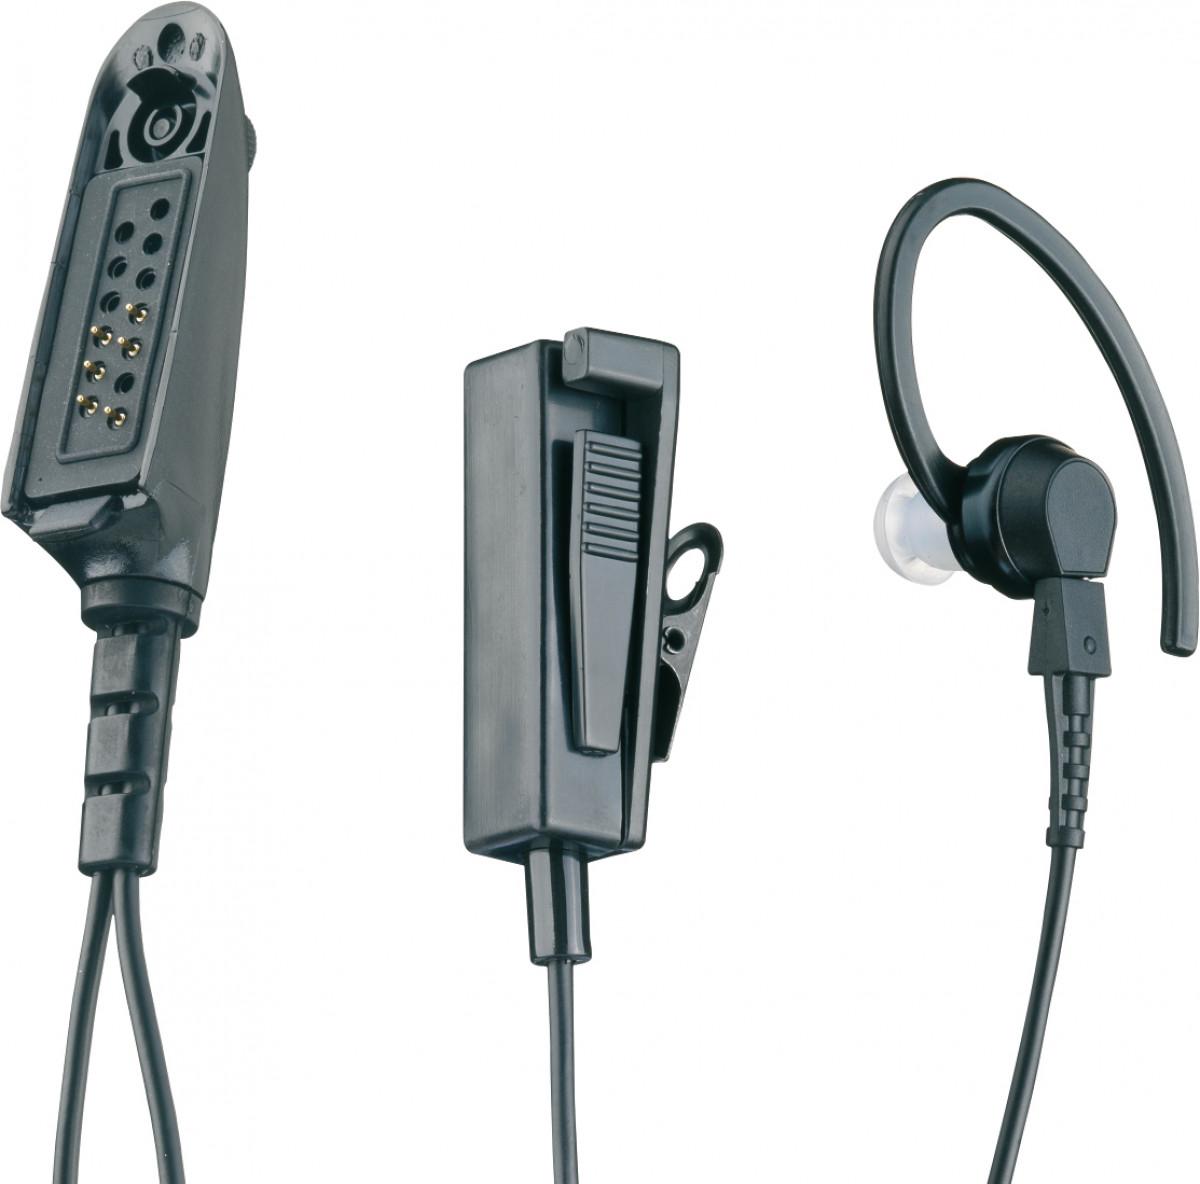 Motorola MDRMN4029A - 2-delad handsfree med öronbygel  18b16ce2a6d27